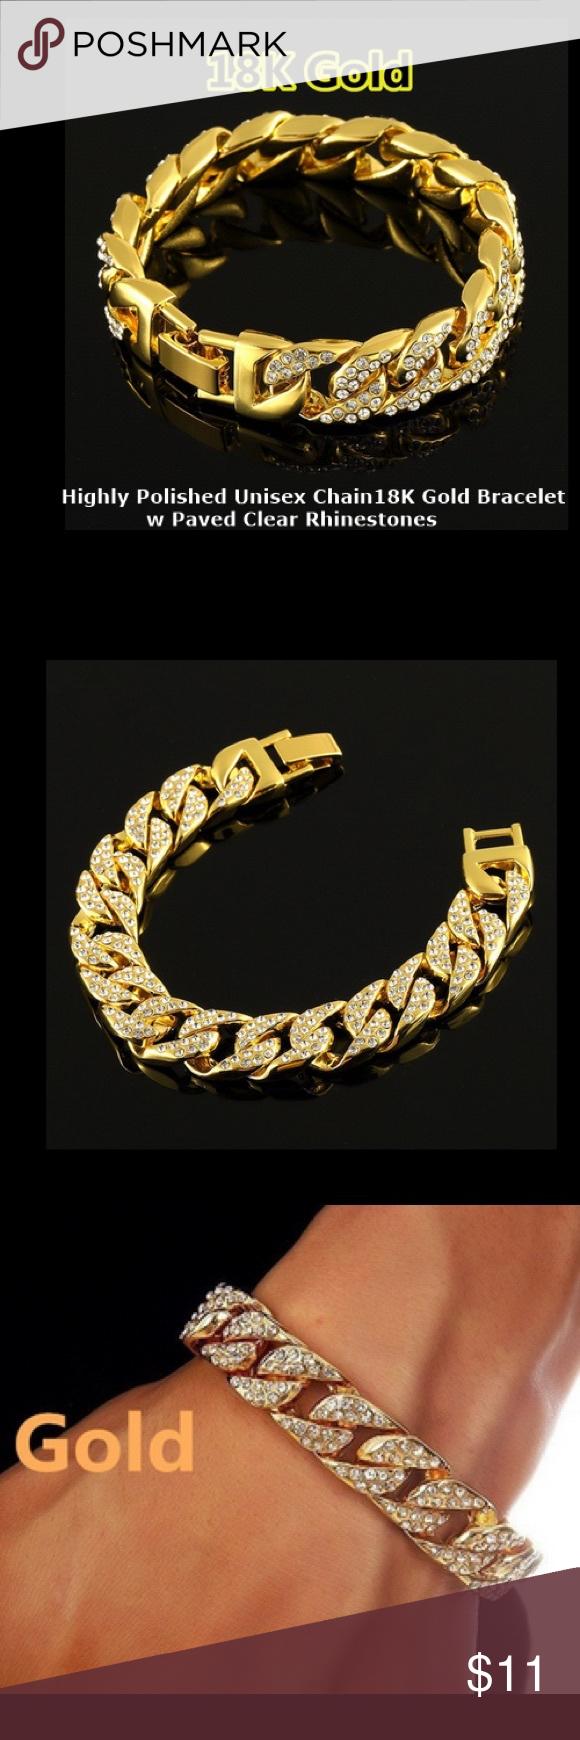 Bracelet unisex stones k gold boutique